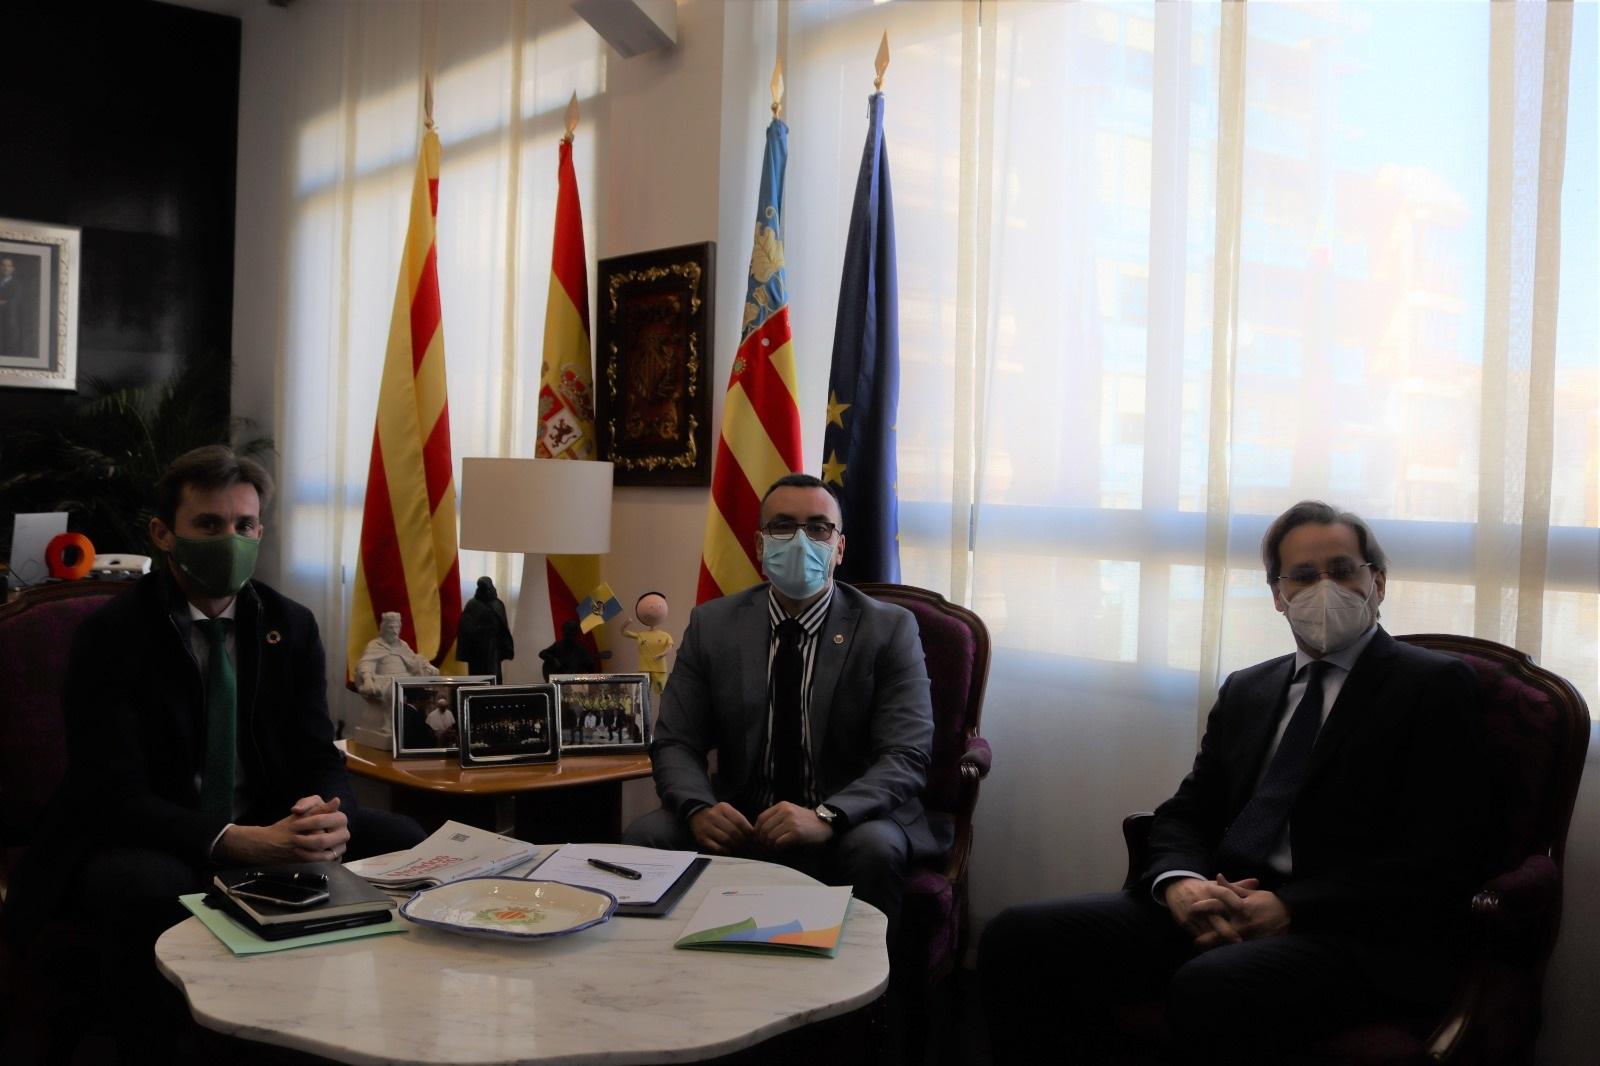 Benlloch aborda con el delegado de Iberdrola en la Comunitat Valenciana proyectos de futuro en el ámbito de las energías renovables y la lucha contra el cambio climático